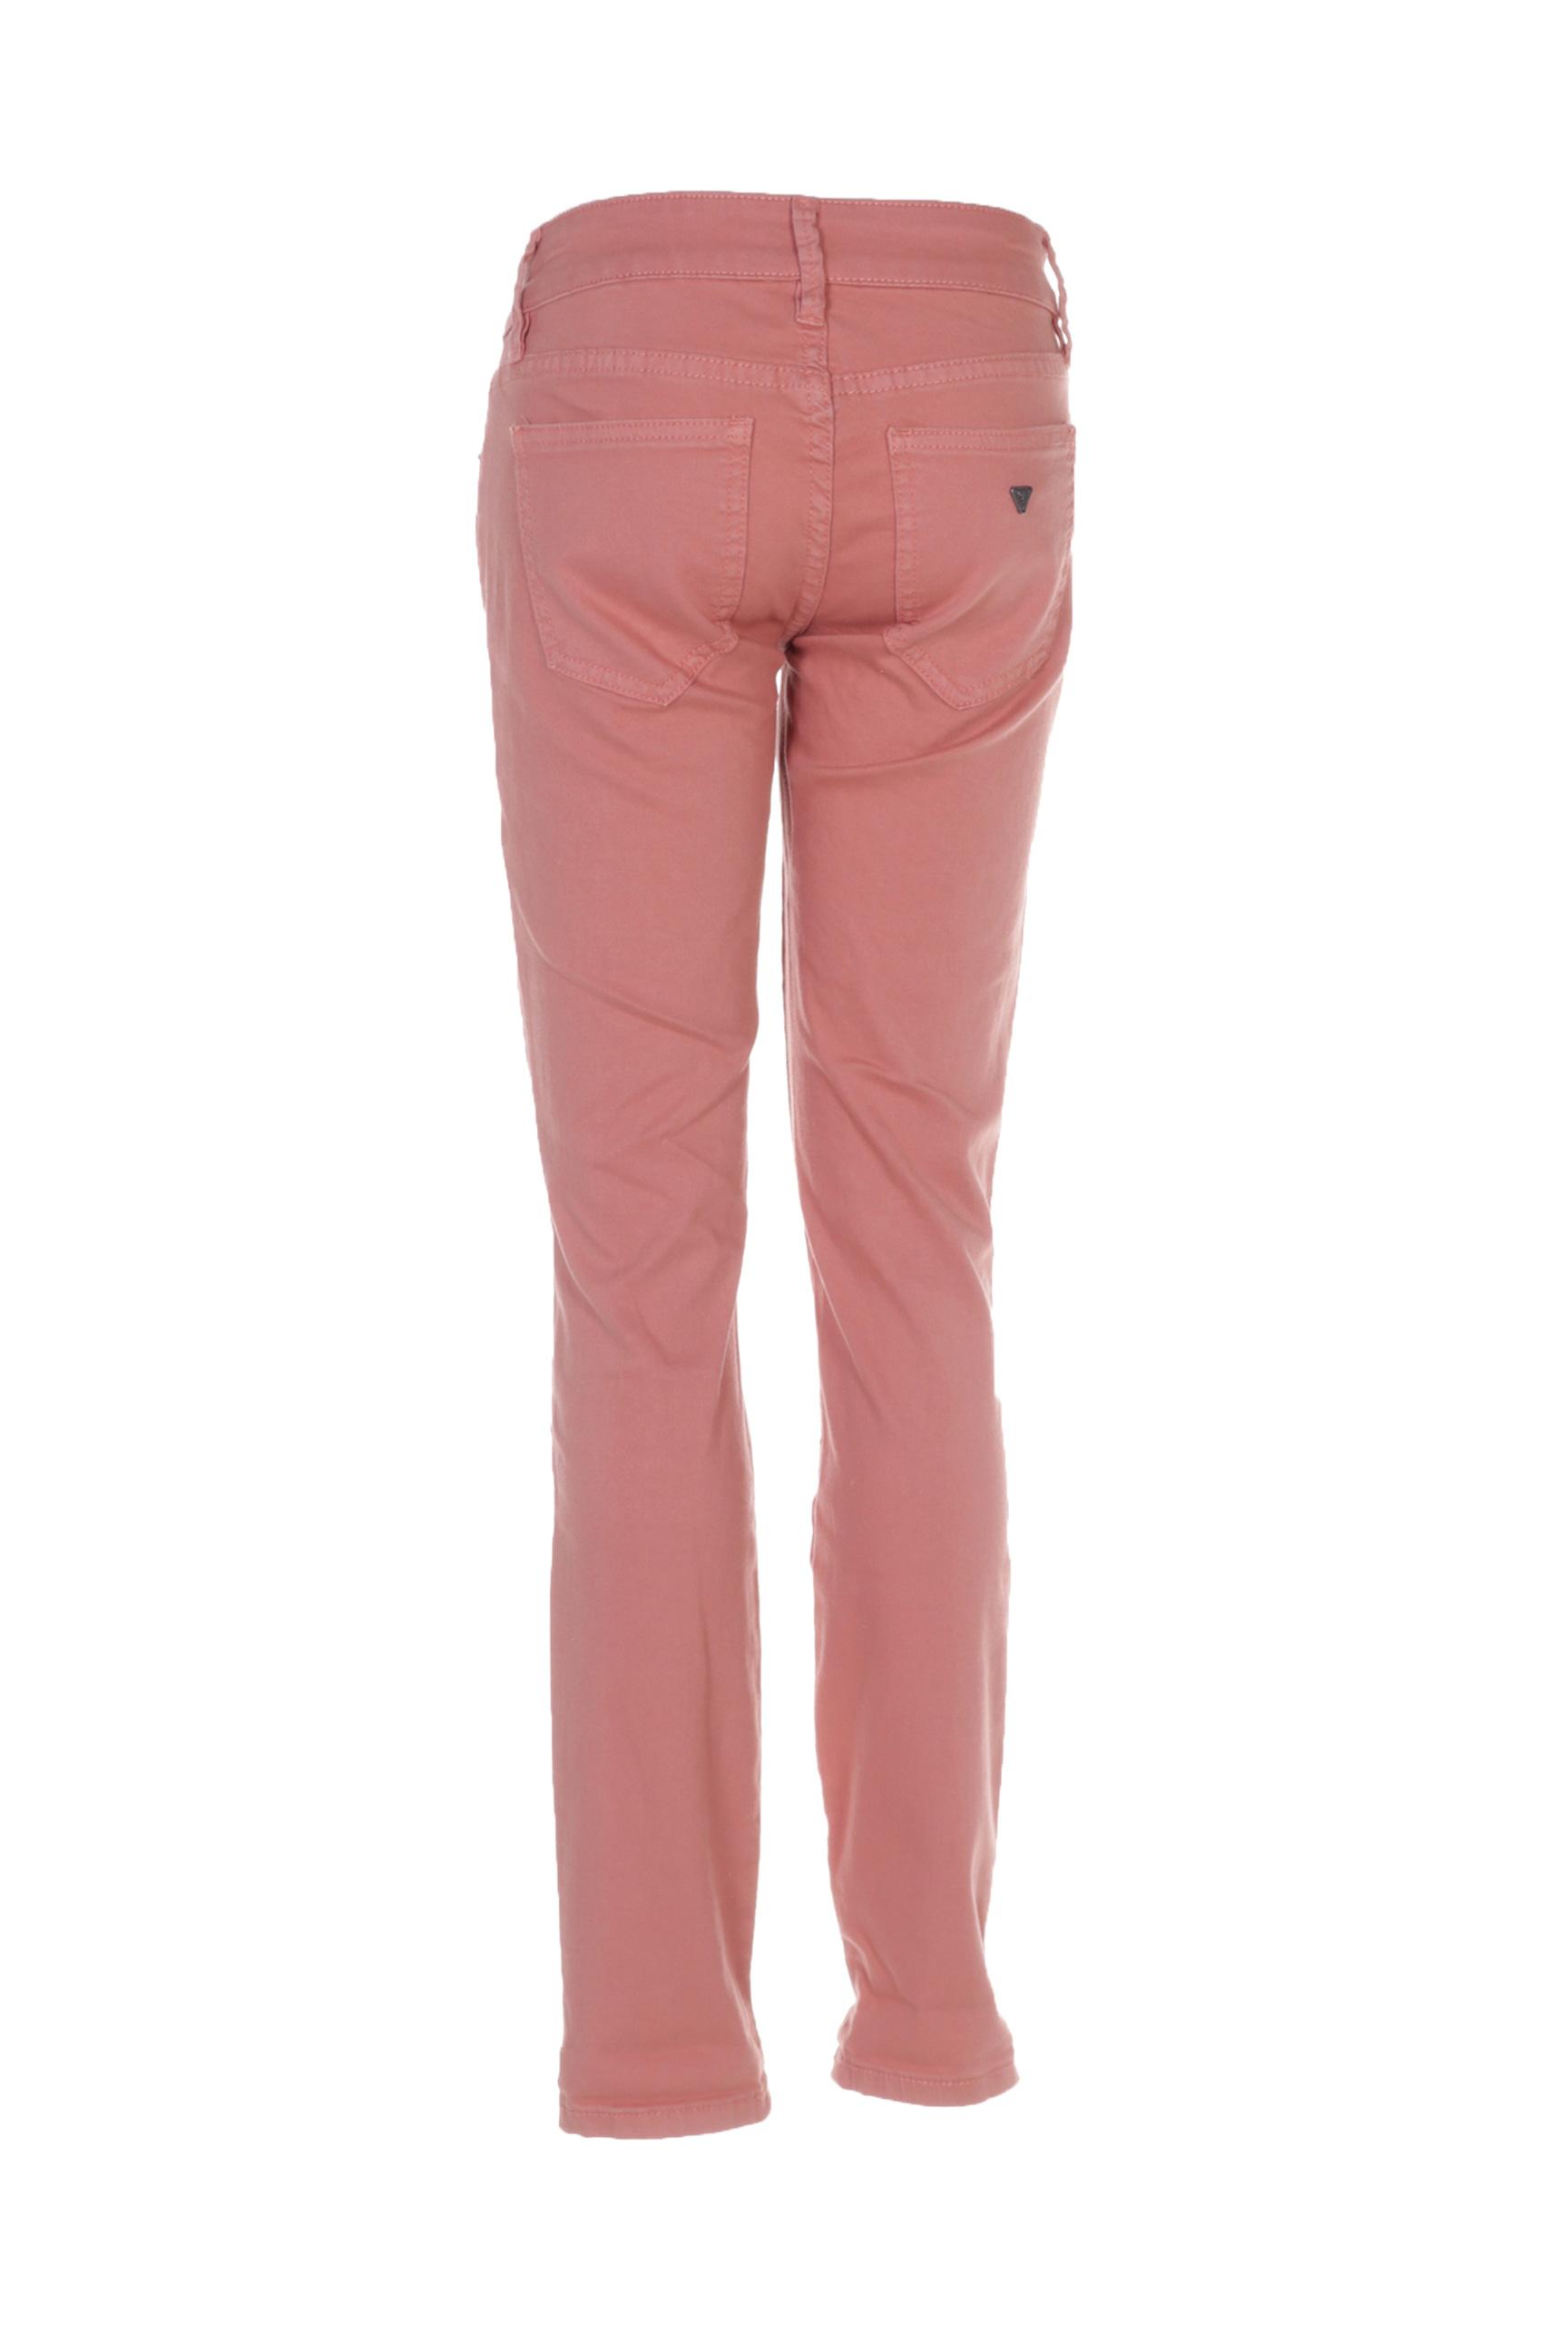 Guess Pantalons Decontractes Femme De Couleur Rose En Soldes Pas Cher 1384282-rose00